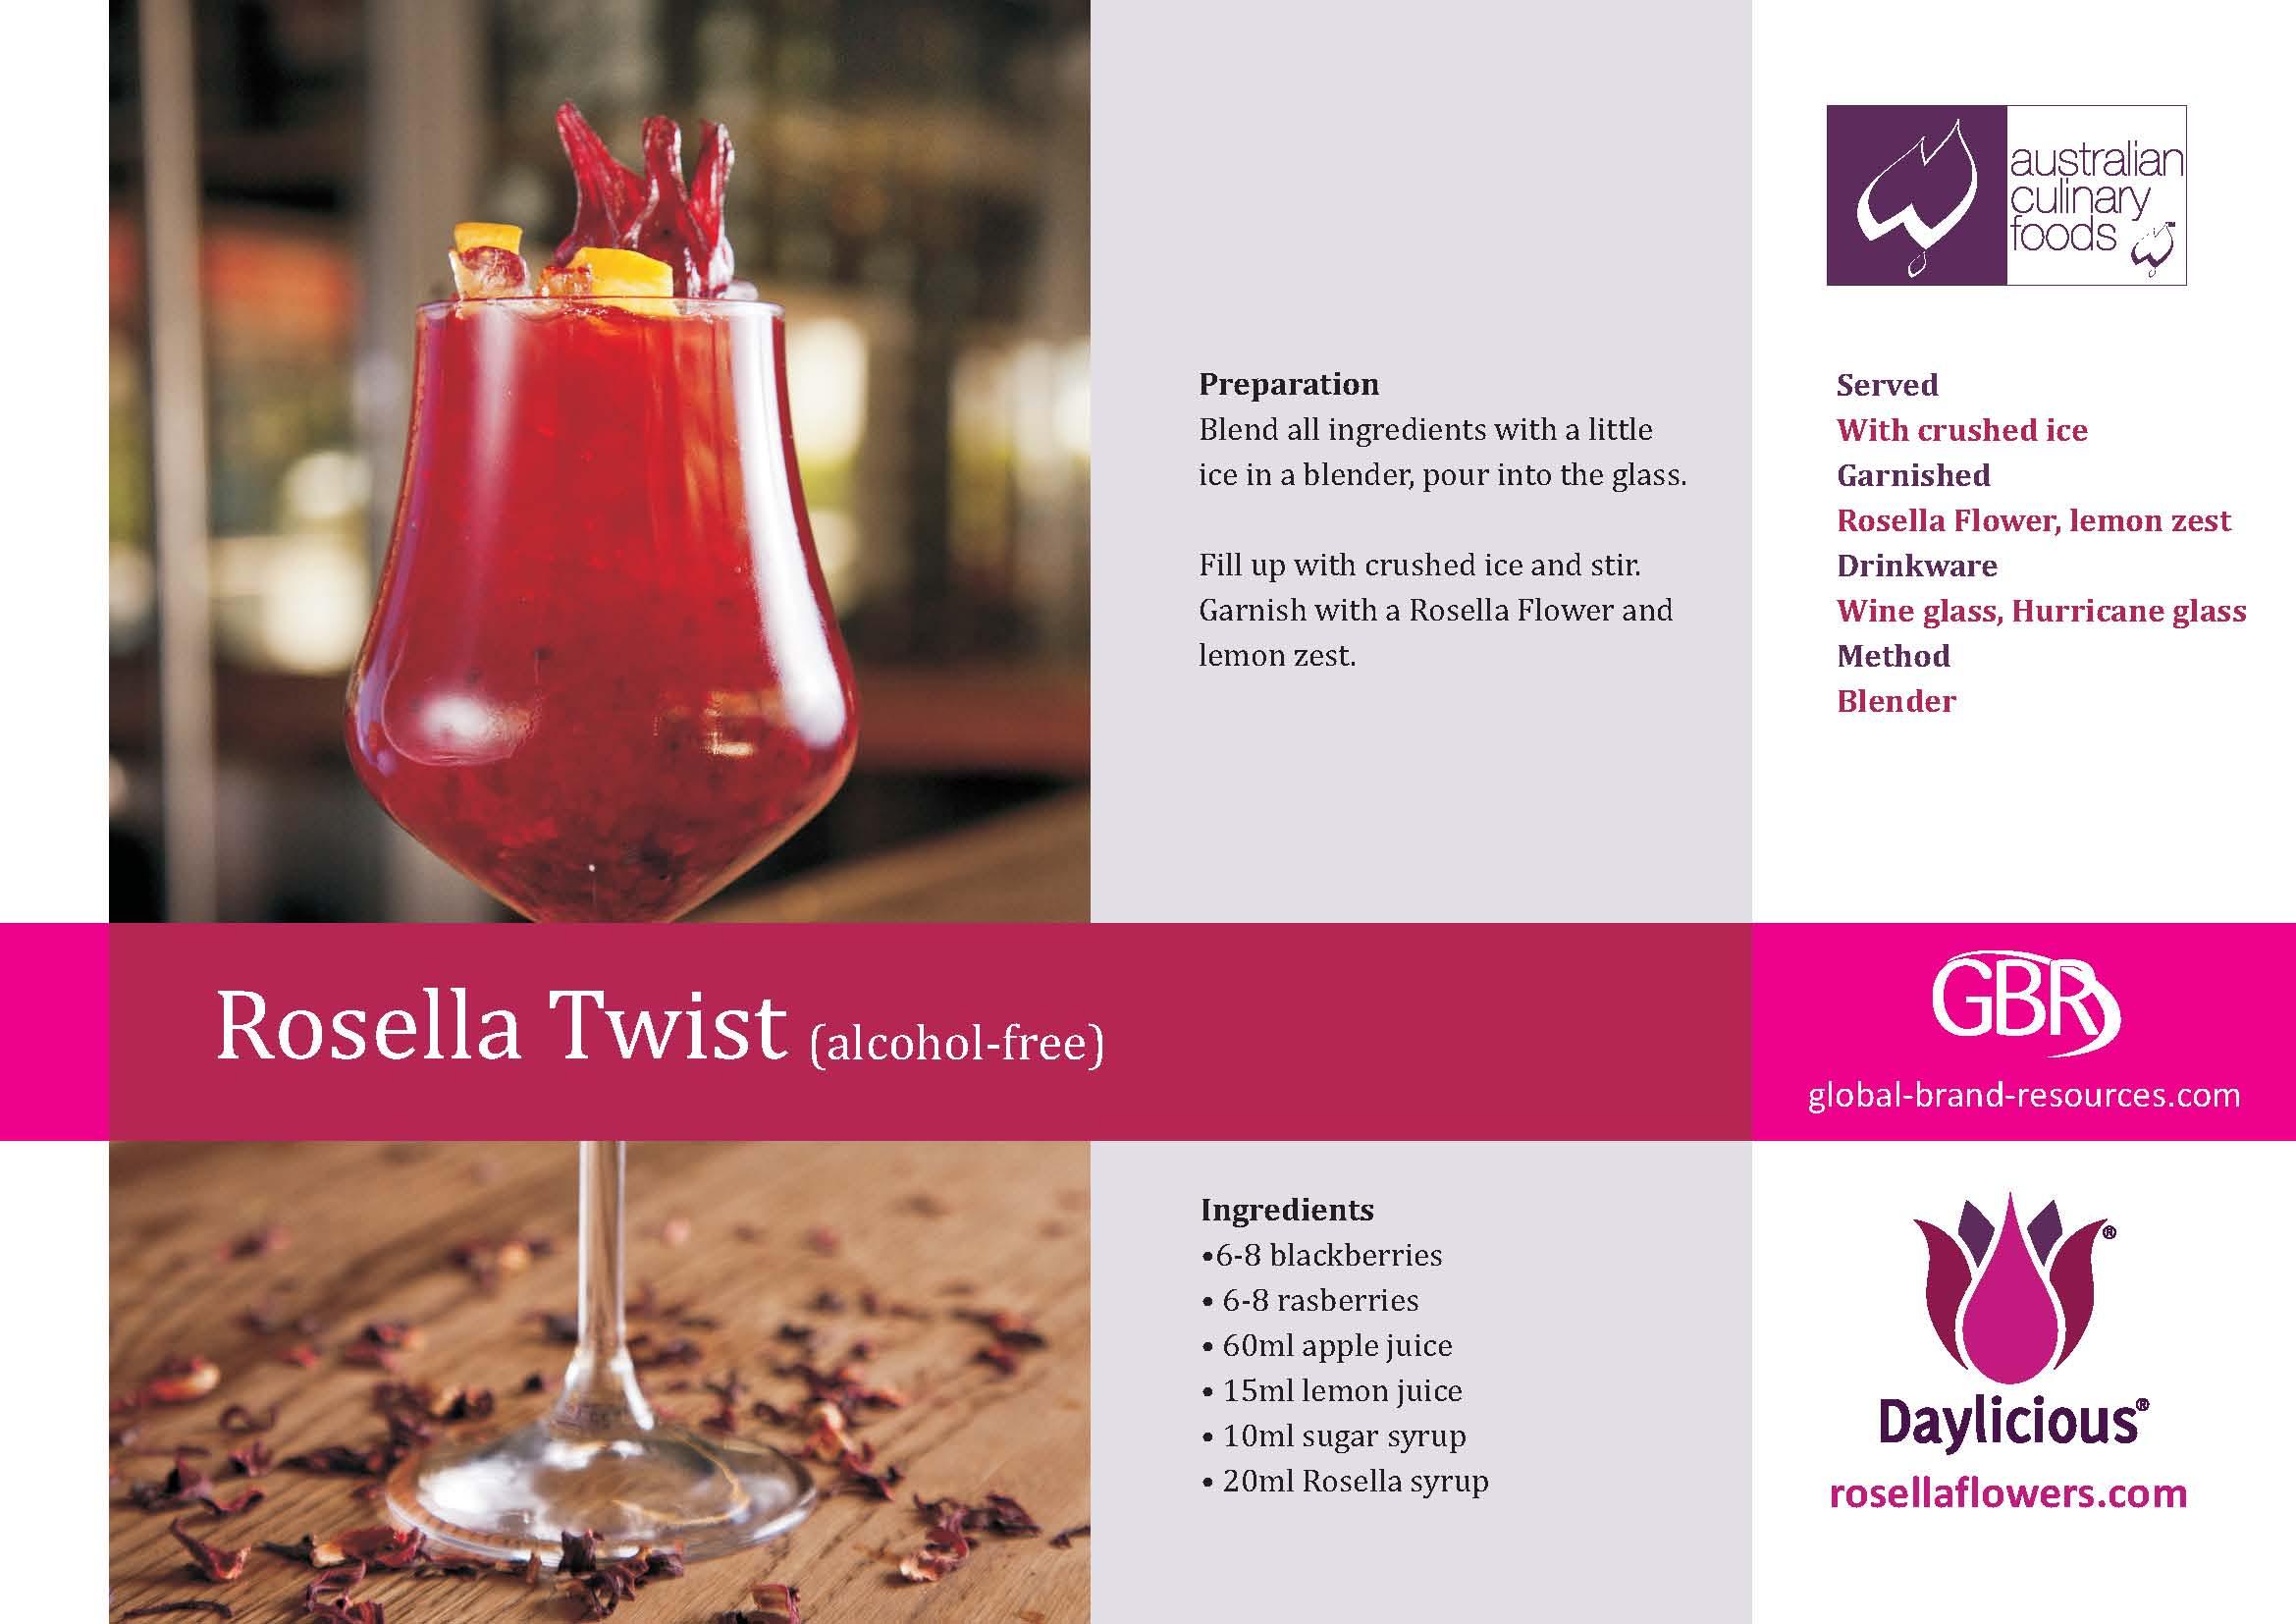 Rosella Twist